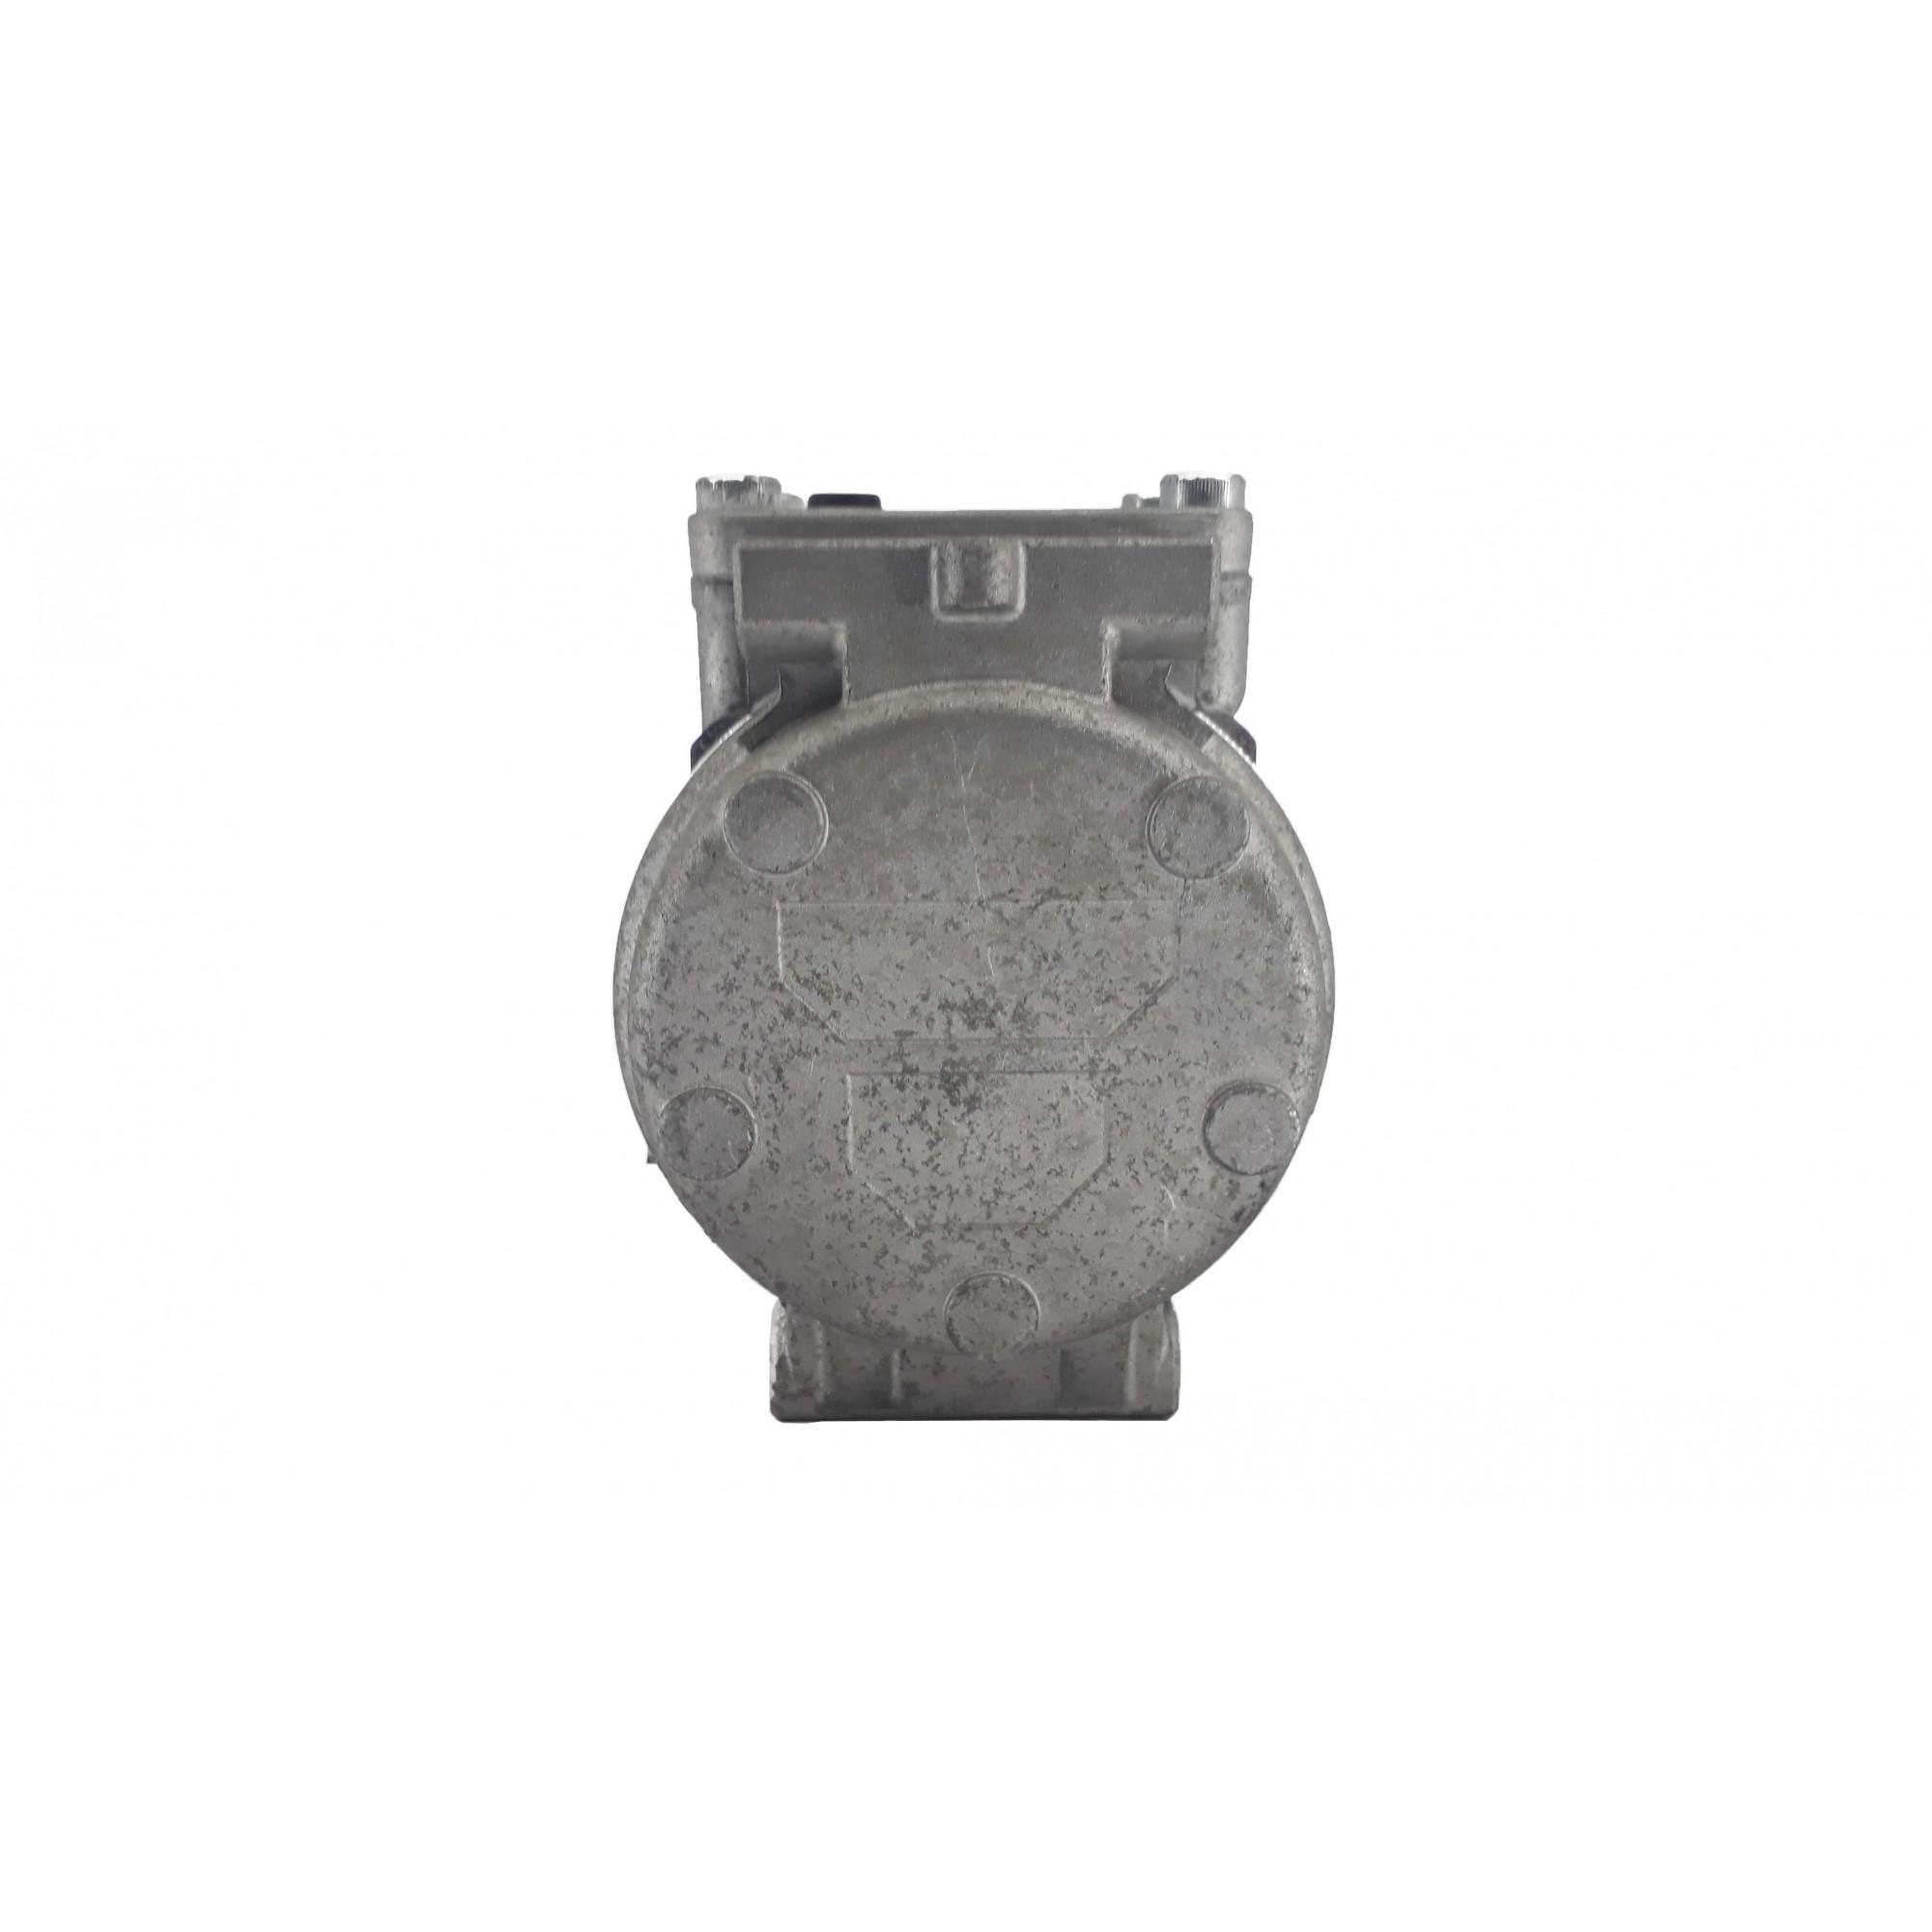 Compressor Sprinter 10PA17 - Importado